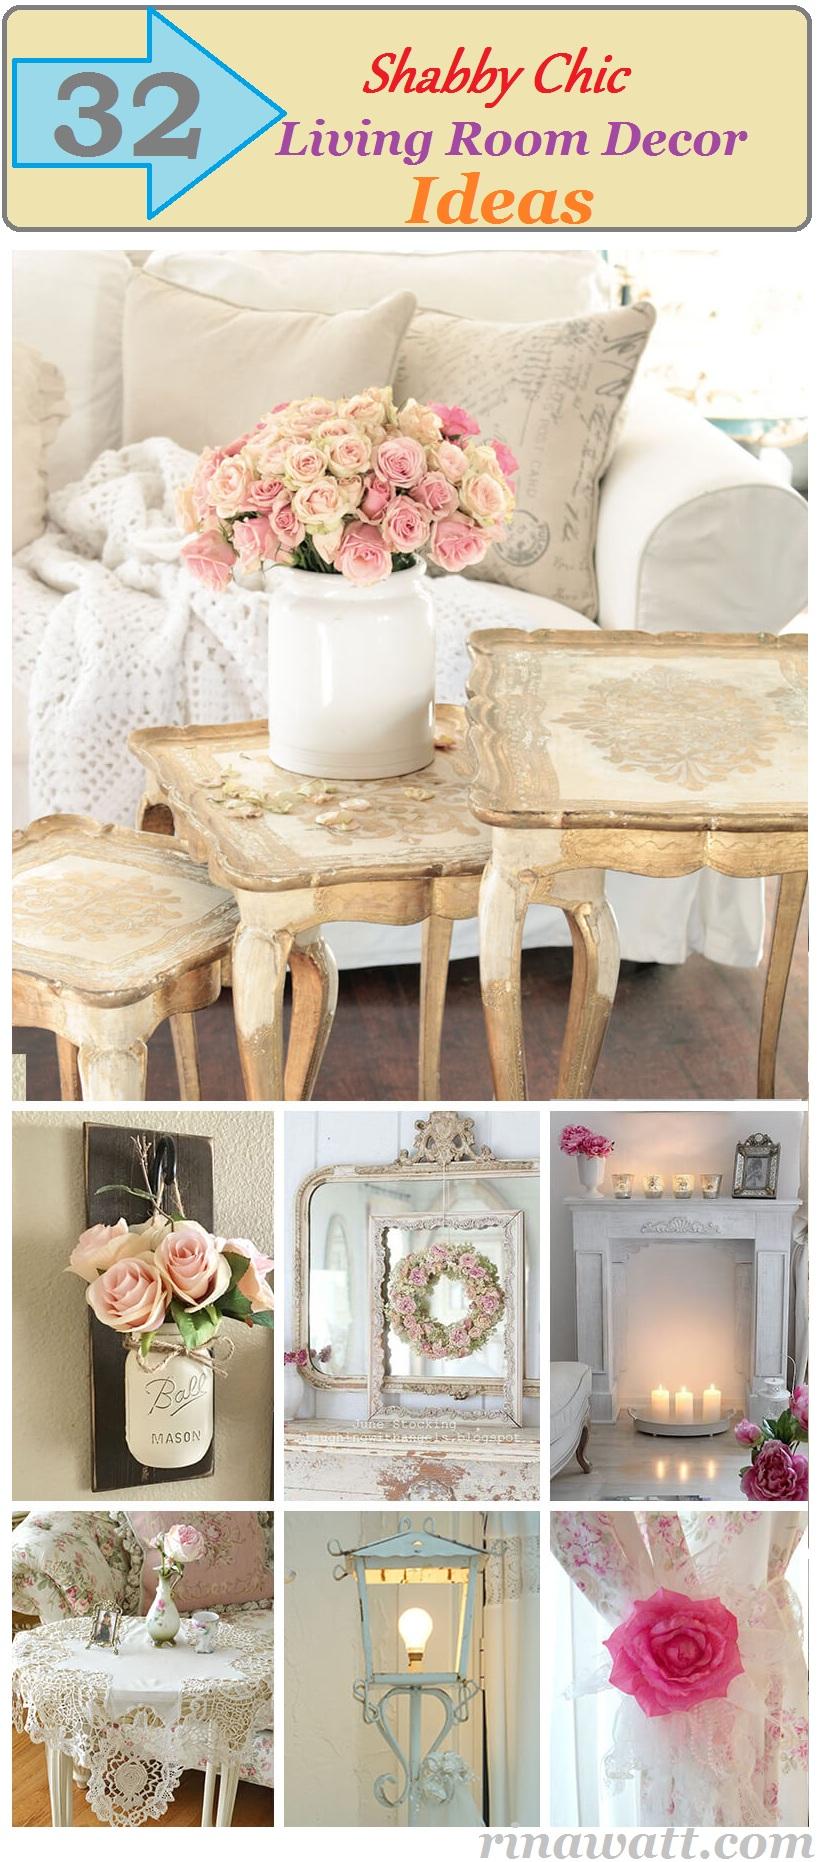 32 Shabby Chic Living Room Decor Ideas For A Comfy And Gorgeous Interior Rina Watt Blogger Home Decor Diy And Recipes